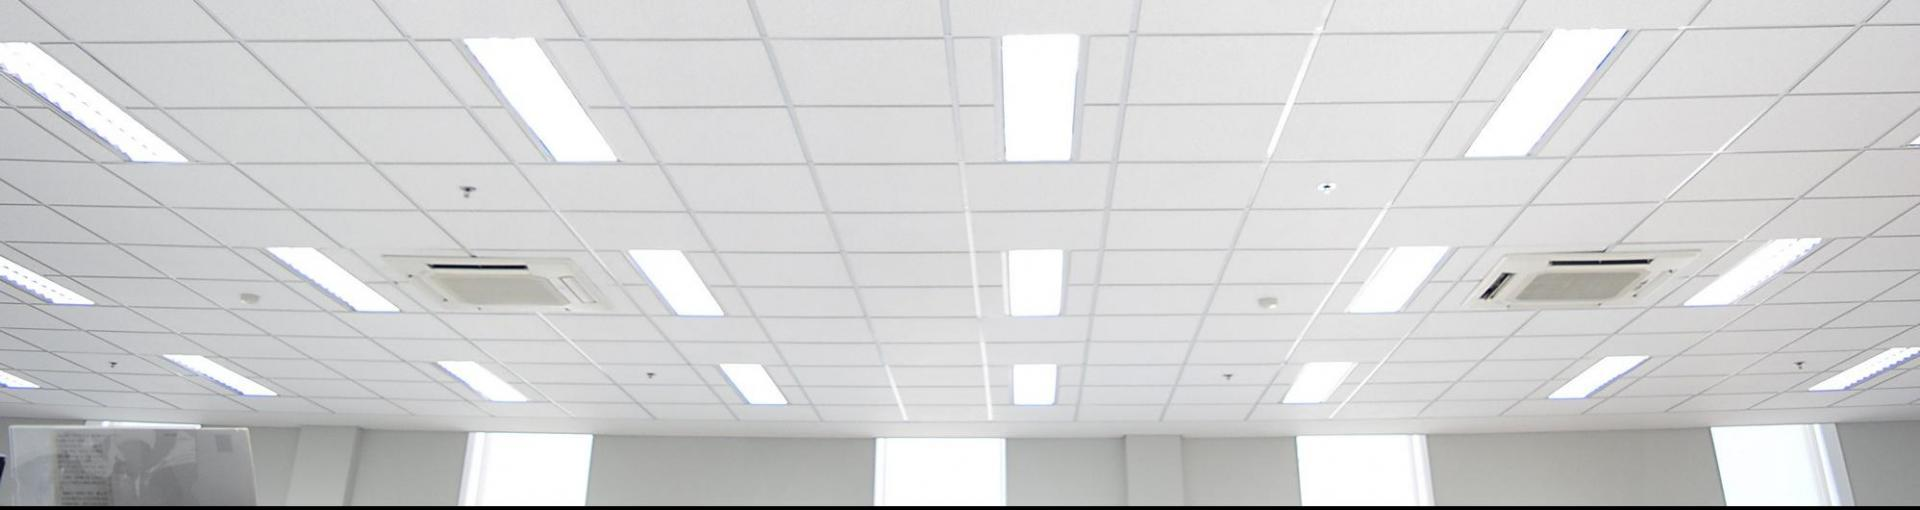 Eclairage de bâtiments